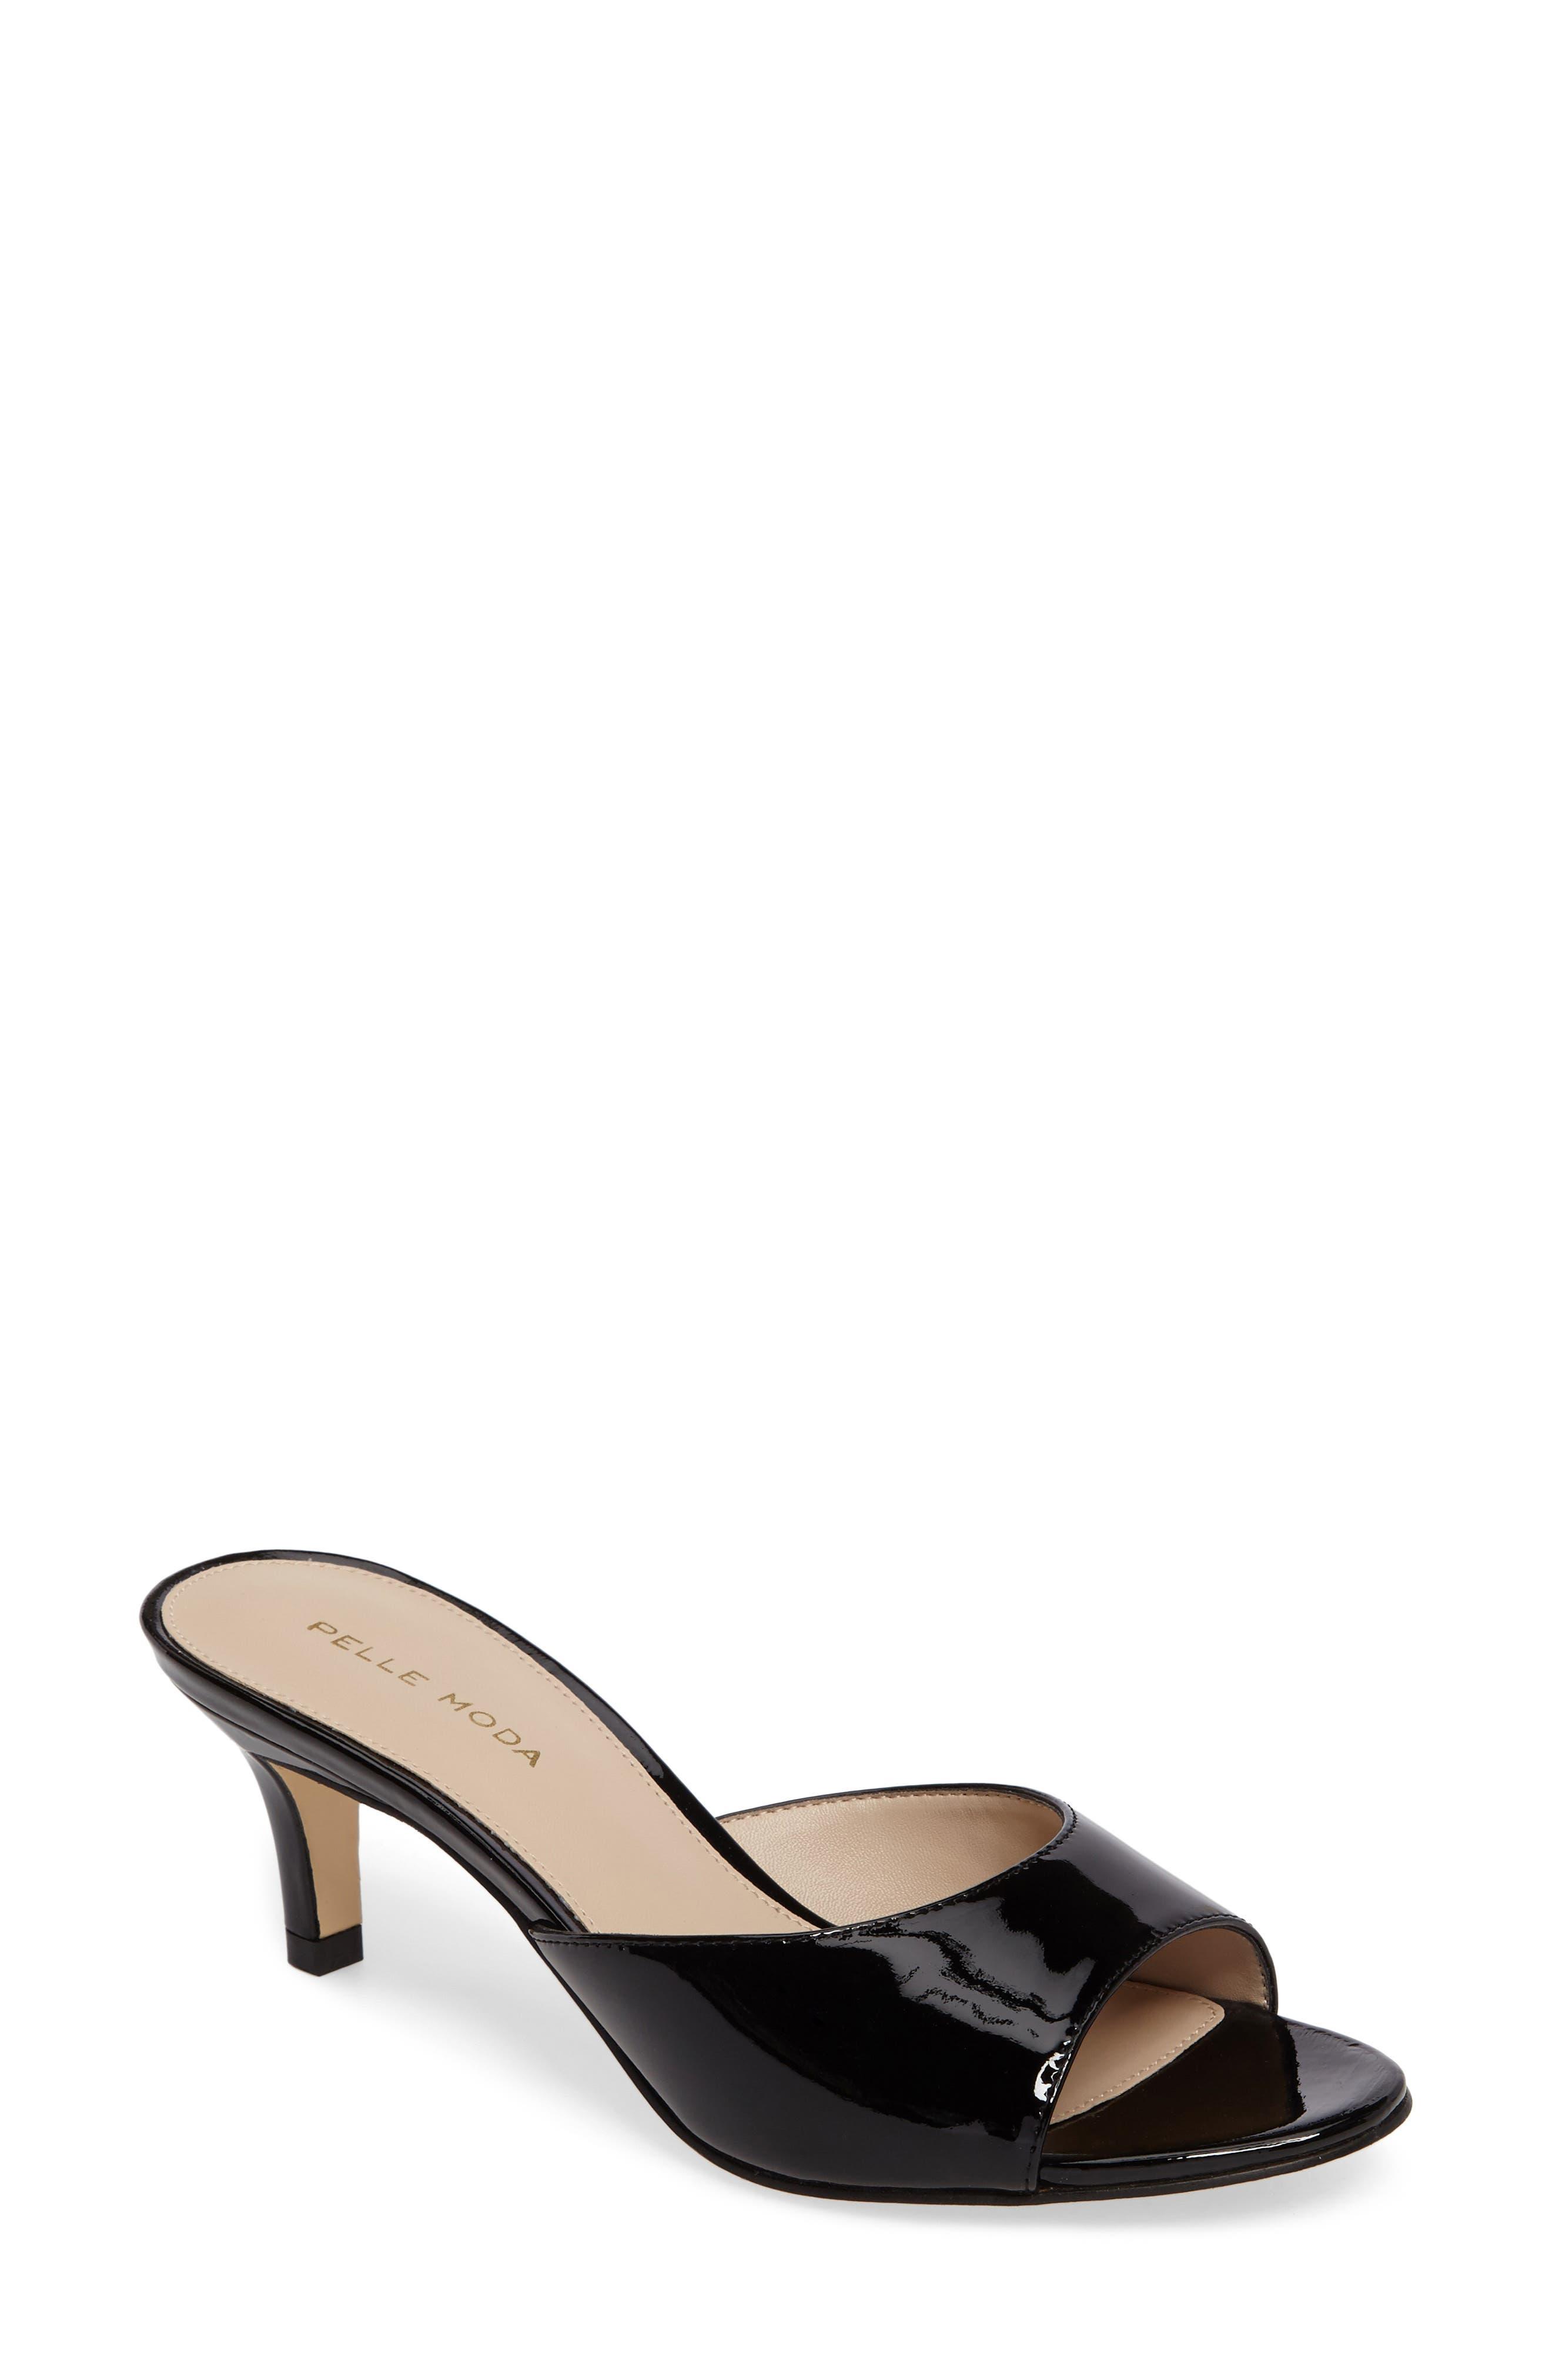 Bex Kitten Heel Slide,                         Main,                         color, Black